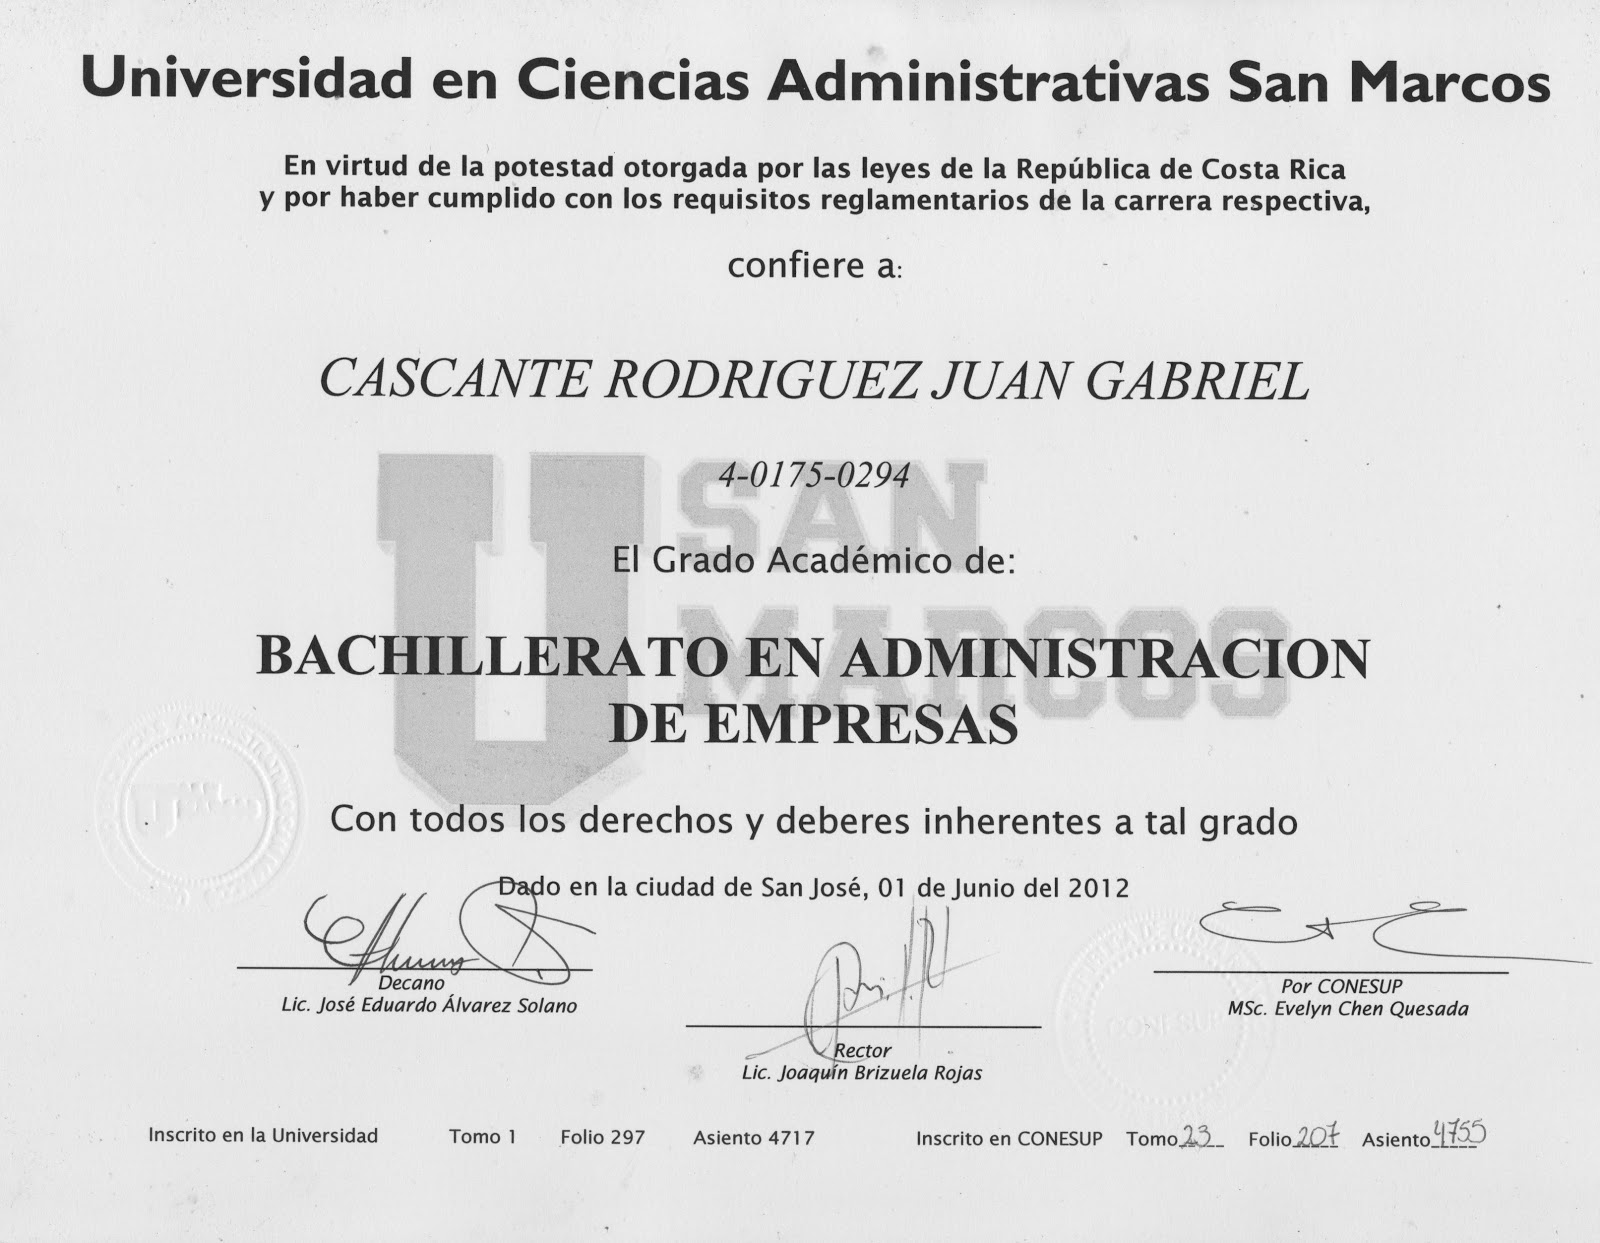 Atestados- | Curriculum Juan Gabriel Cascante Rodríguez. Administrador.